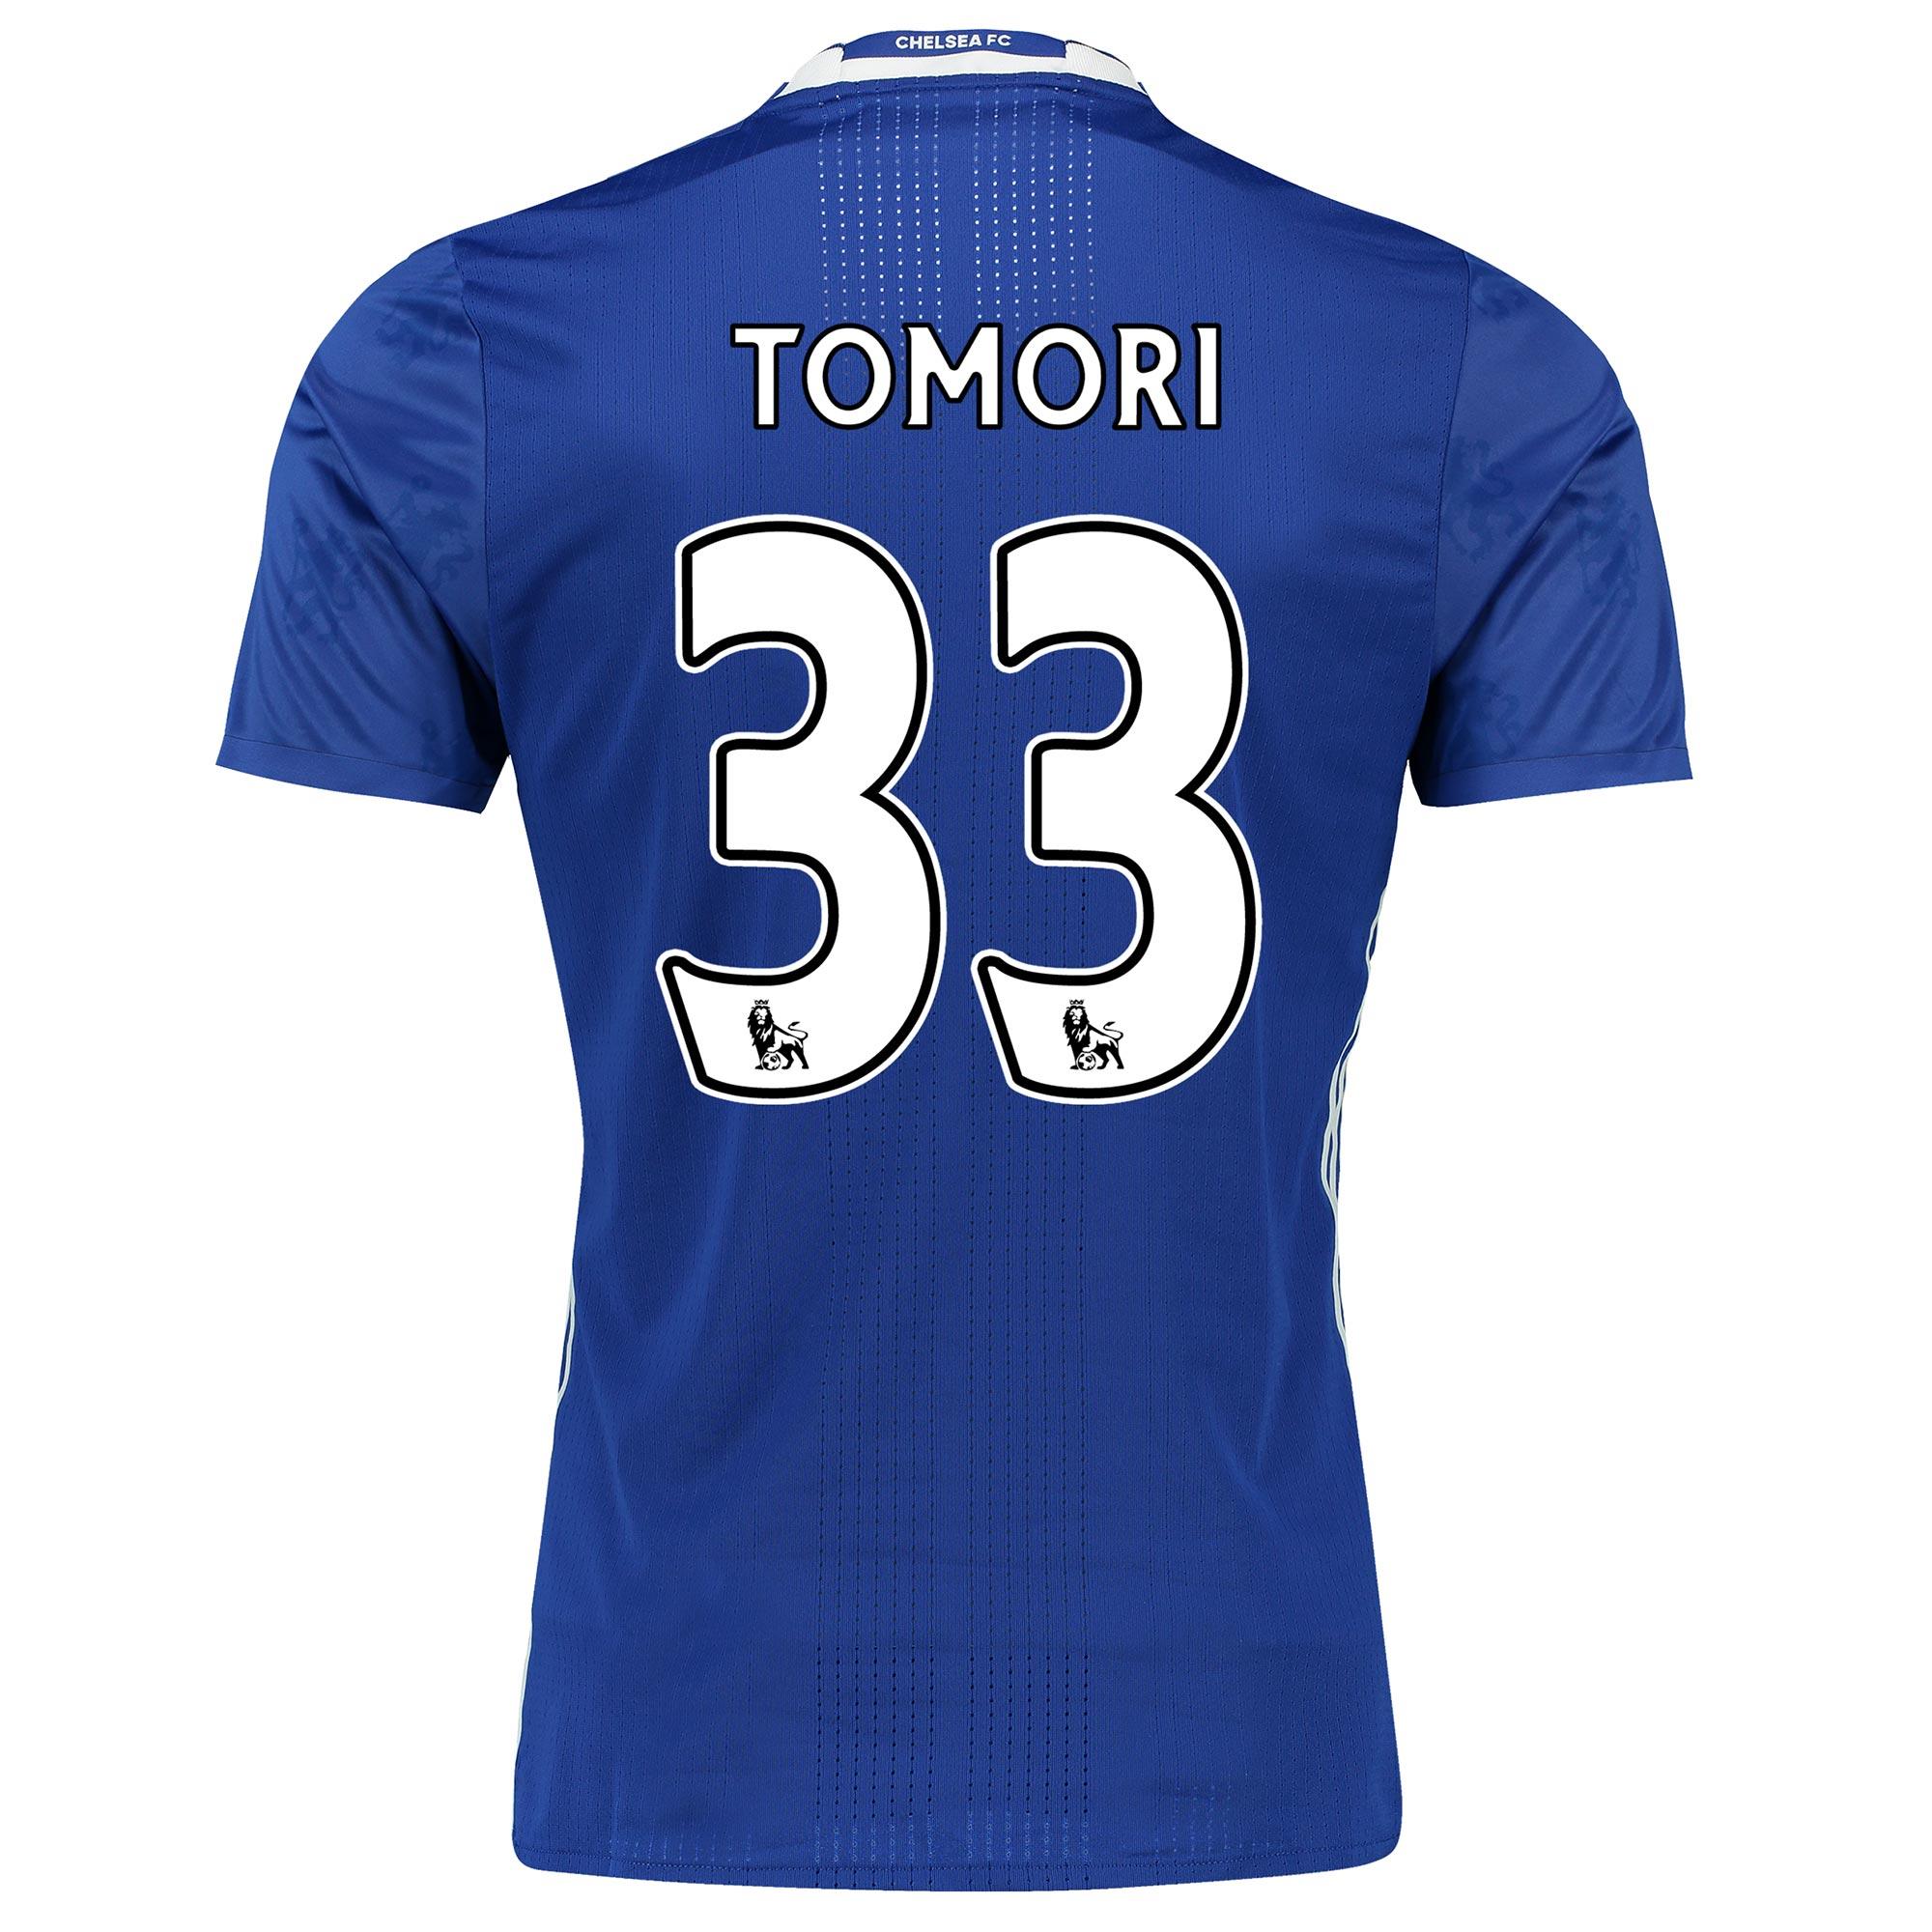 Shop Tomori Printed Shirts